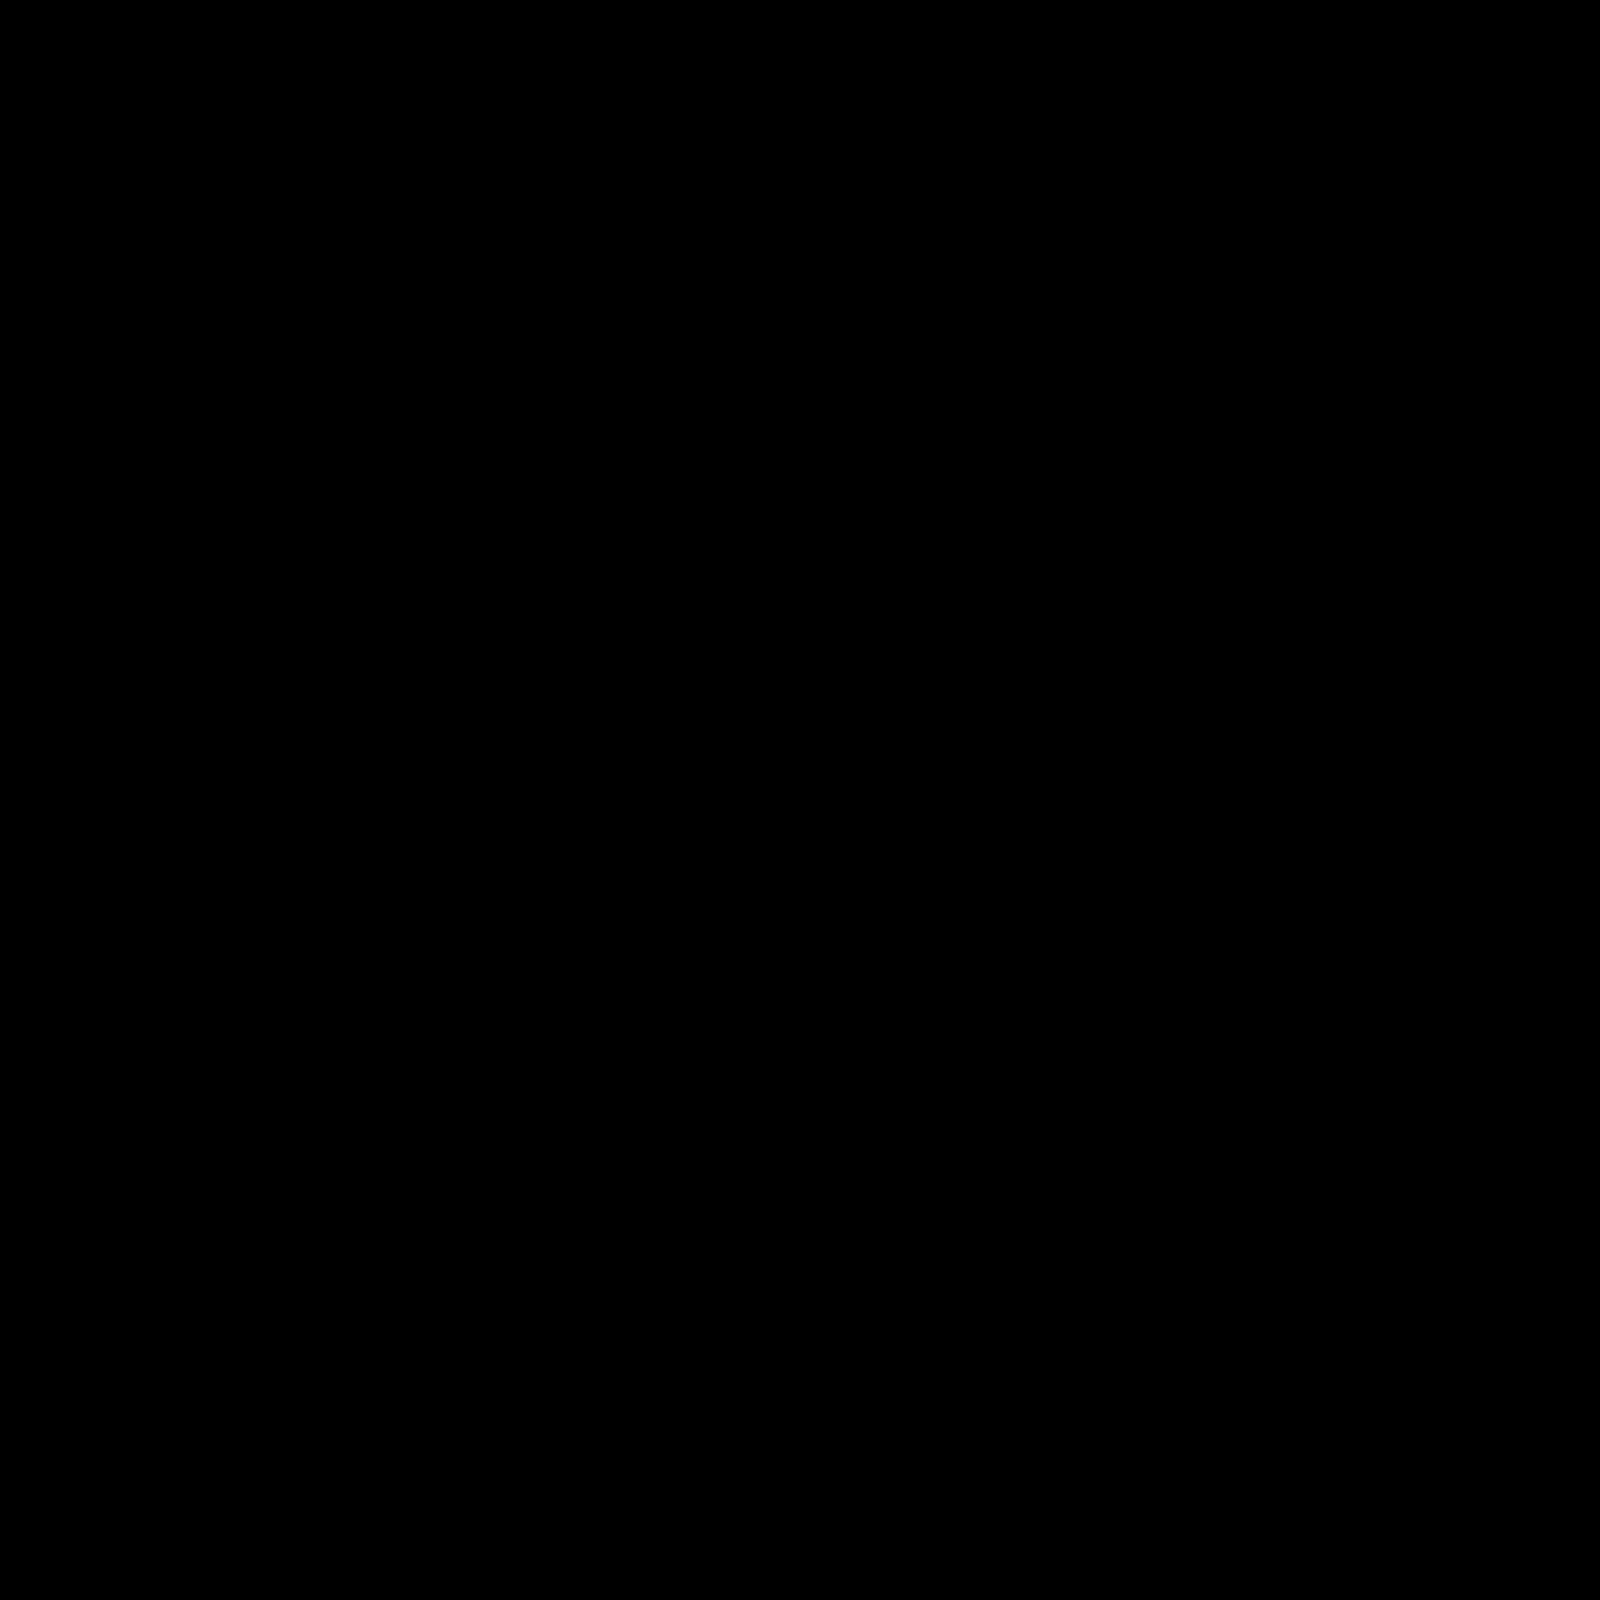 Poziom Bubble icon